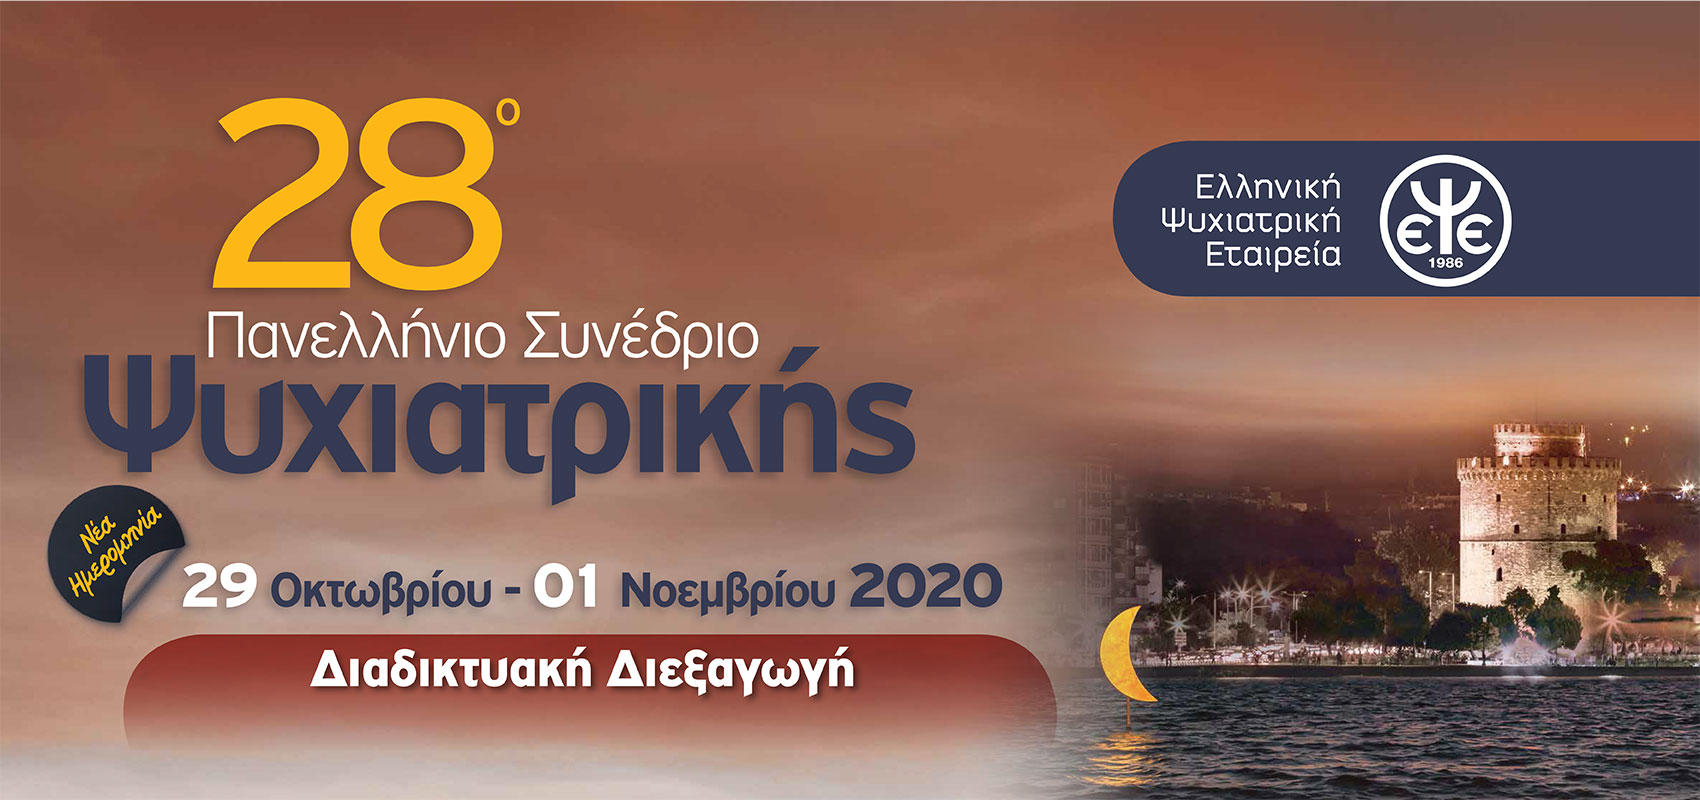 28ο Πανελλήνιο Συνέδριο Ψυχιατρικής